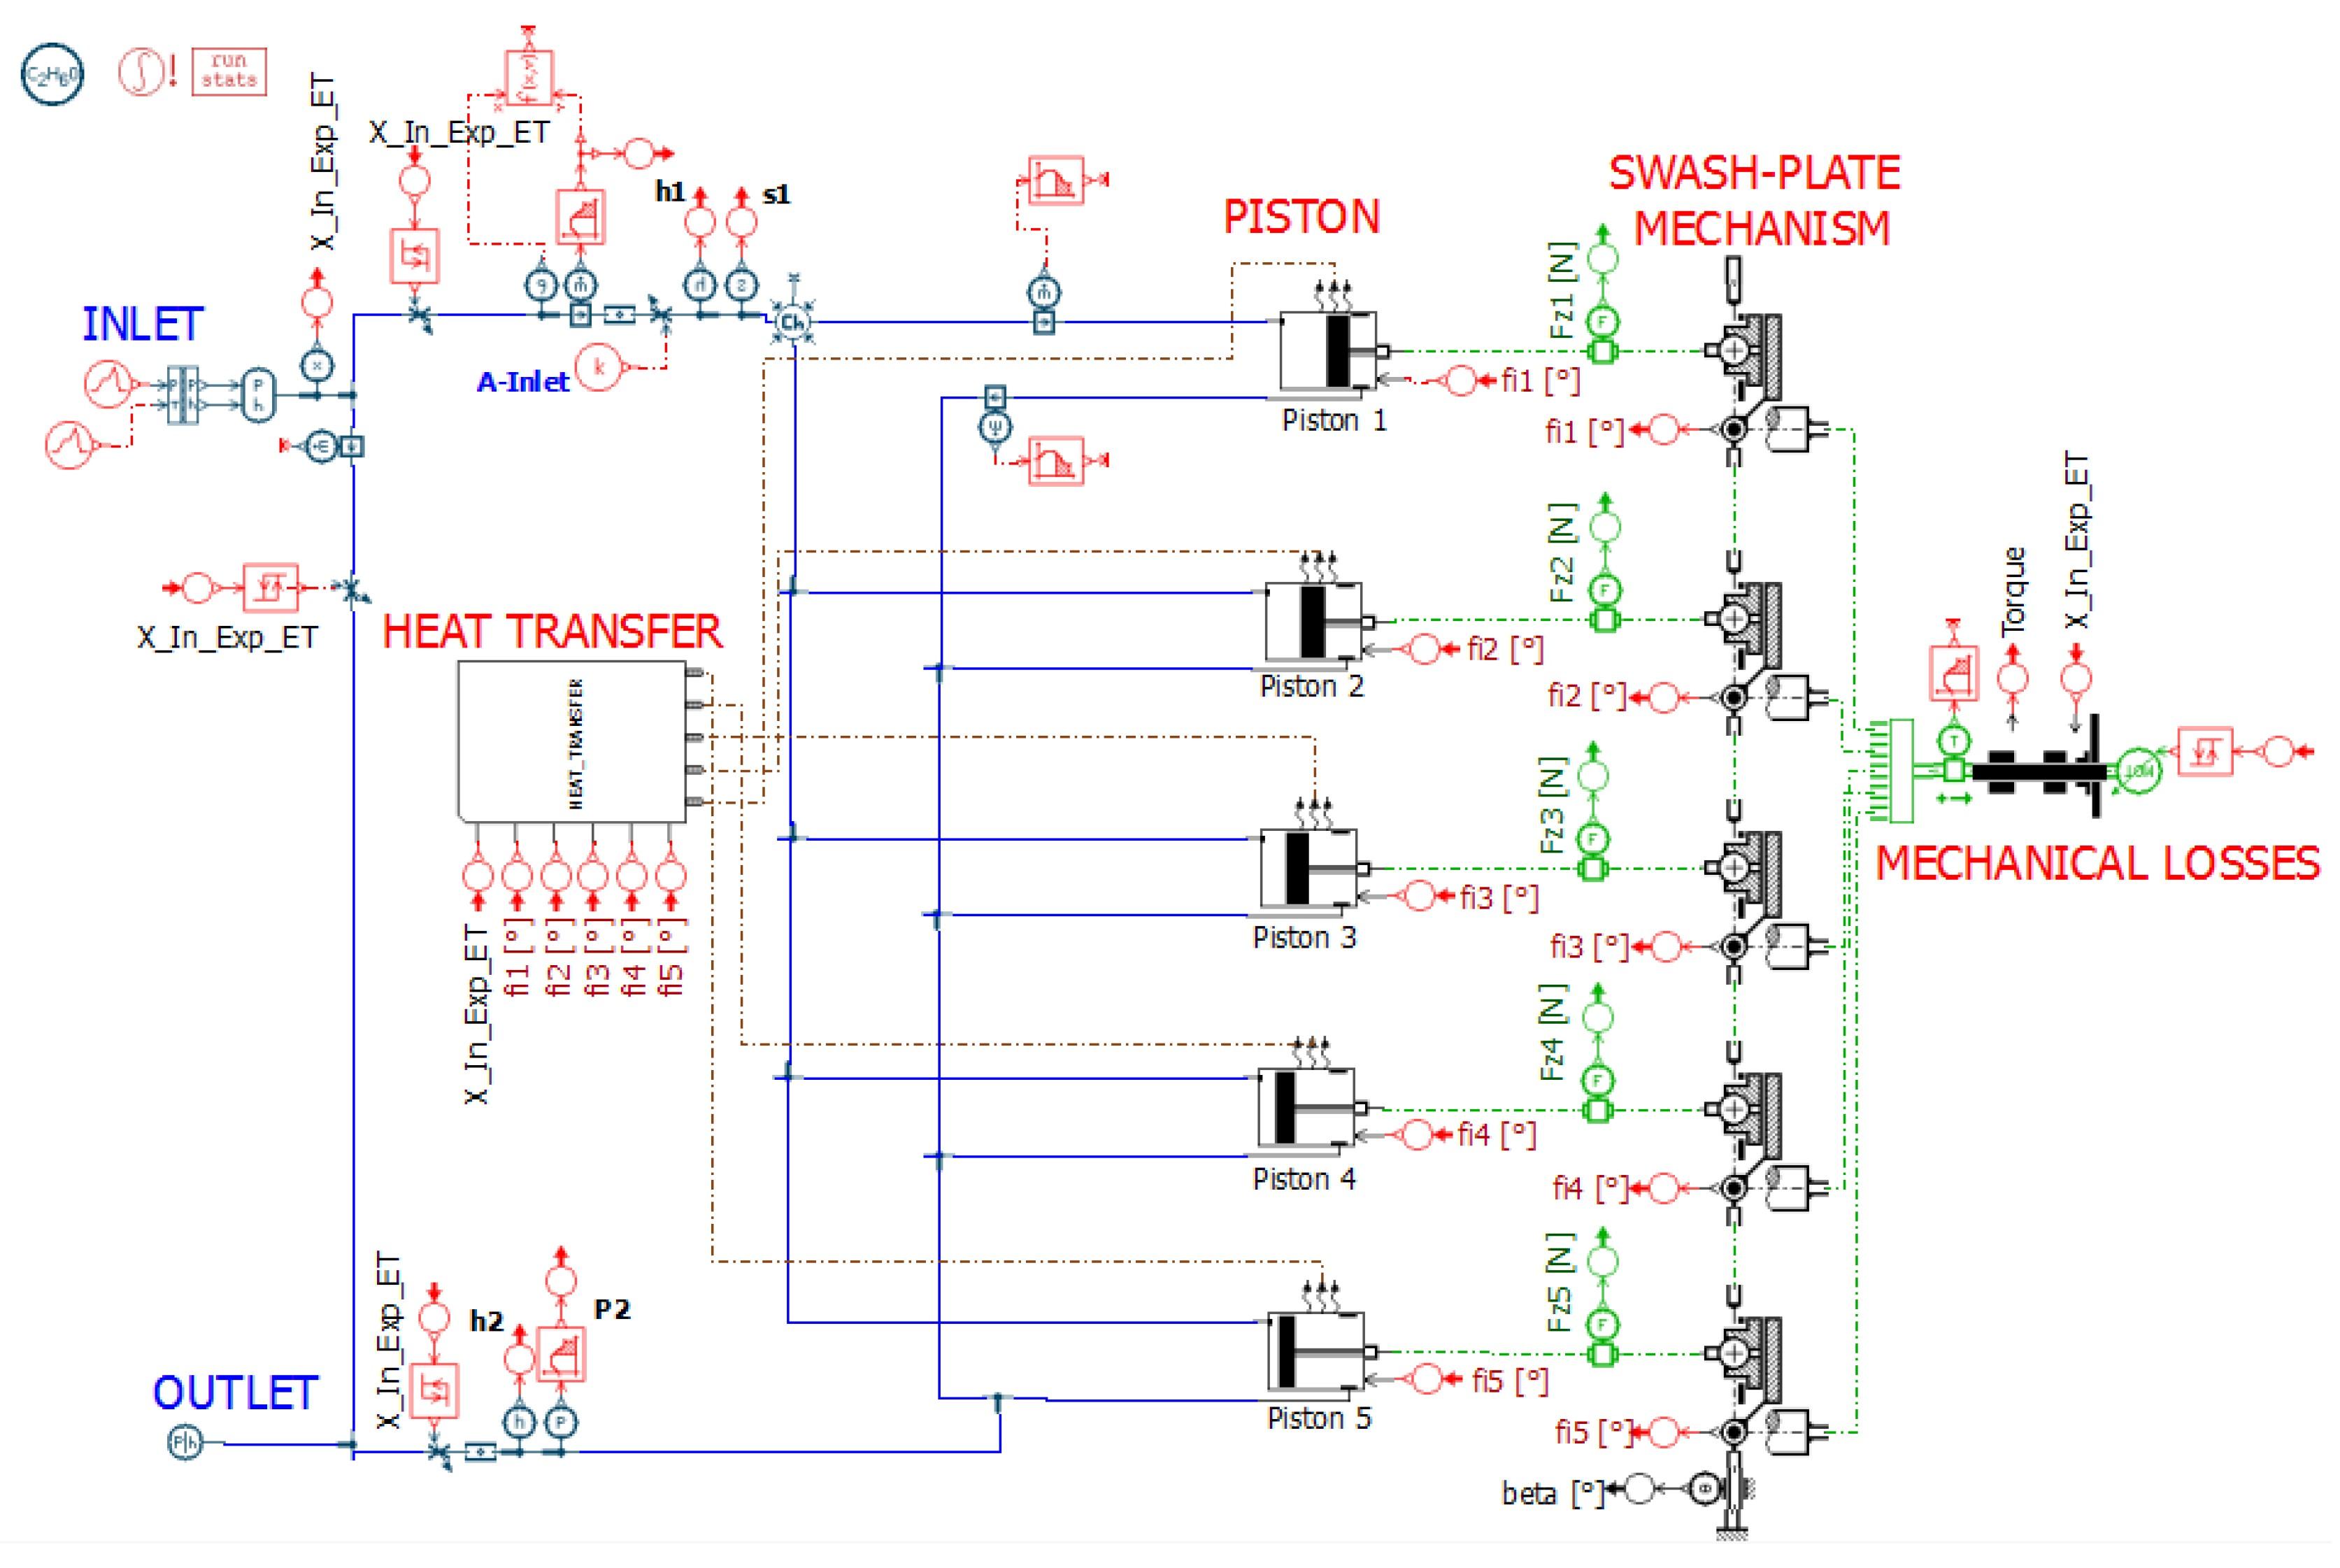 Pv Diagram Of 4 Stroke Petrol Engine Energies Free Full Text Of Pv Diagram Of 4 Stroke Petrol Engine